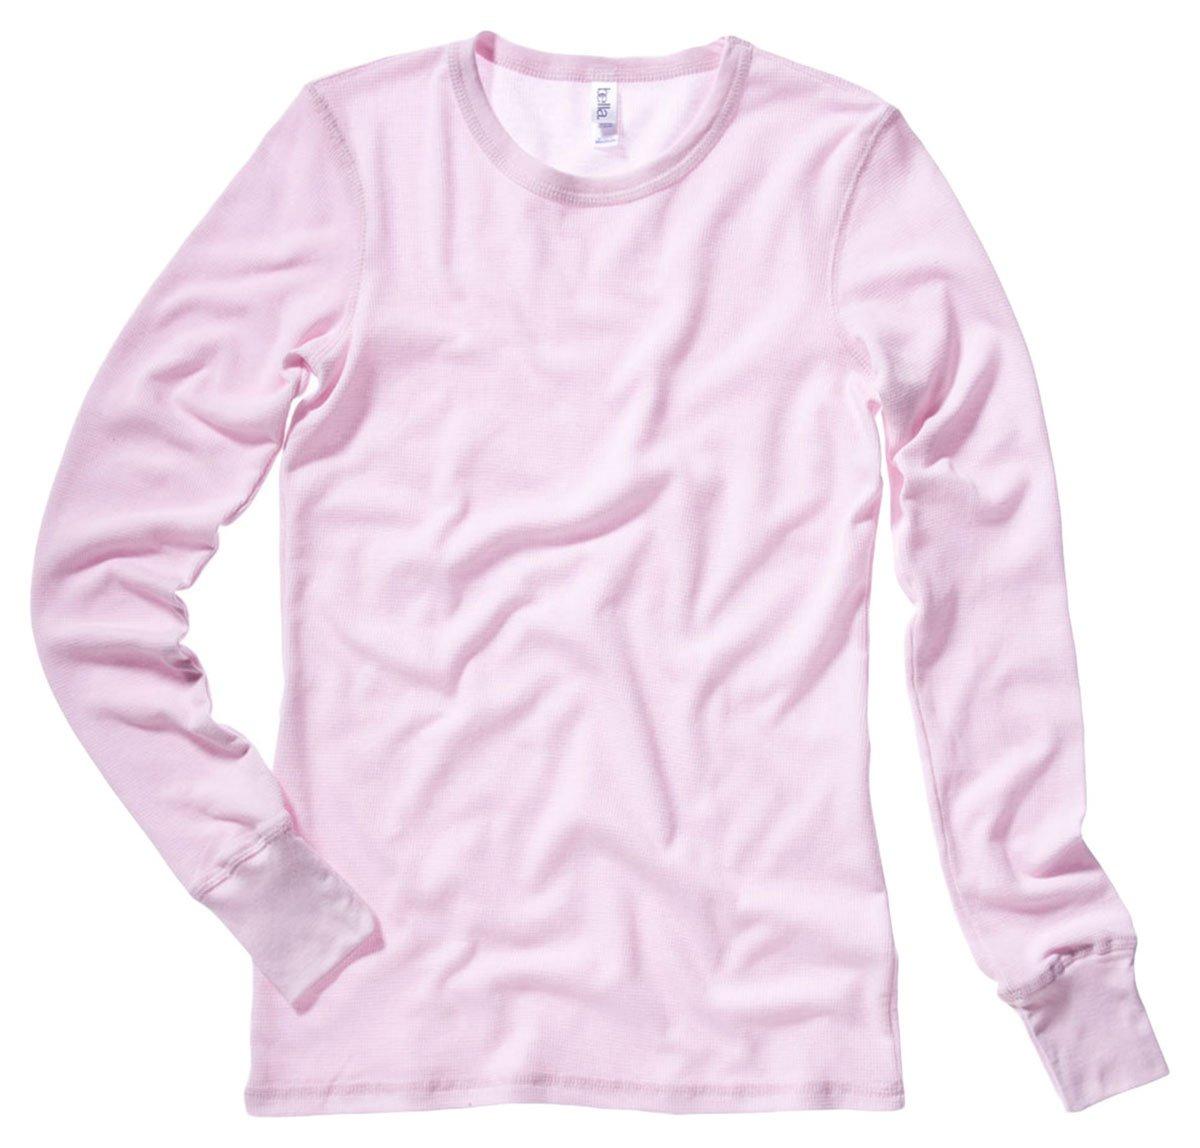 Bella Ladies' Long-sleeve Thermal Tee Heritage Sportswear BL-8500